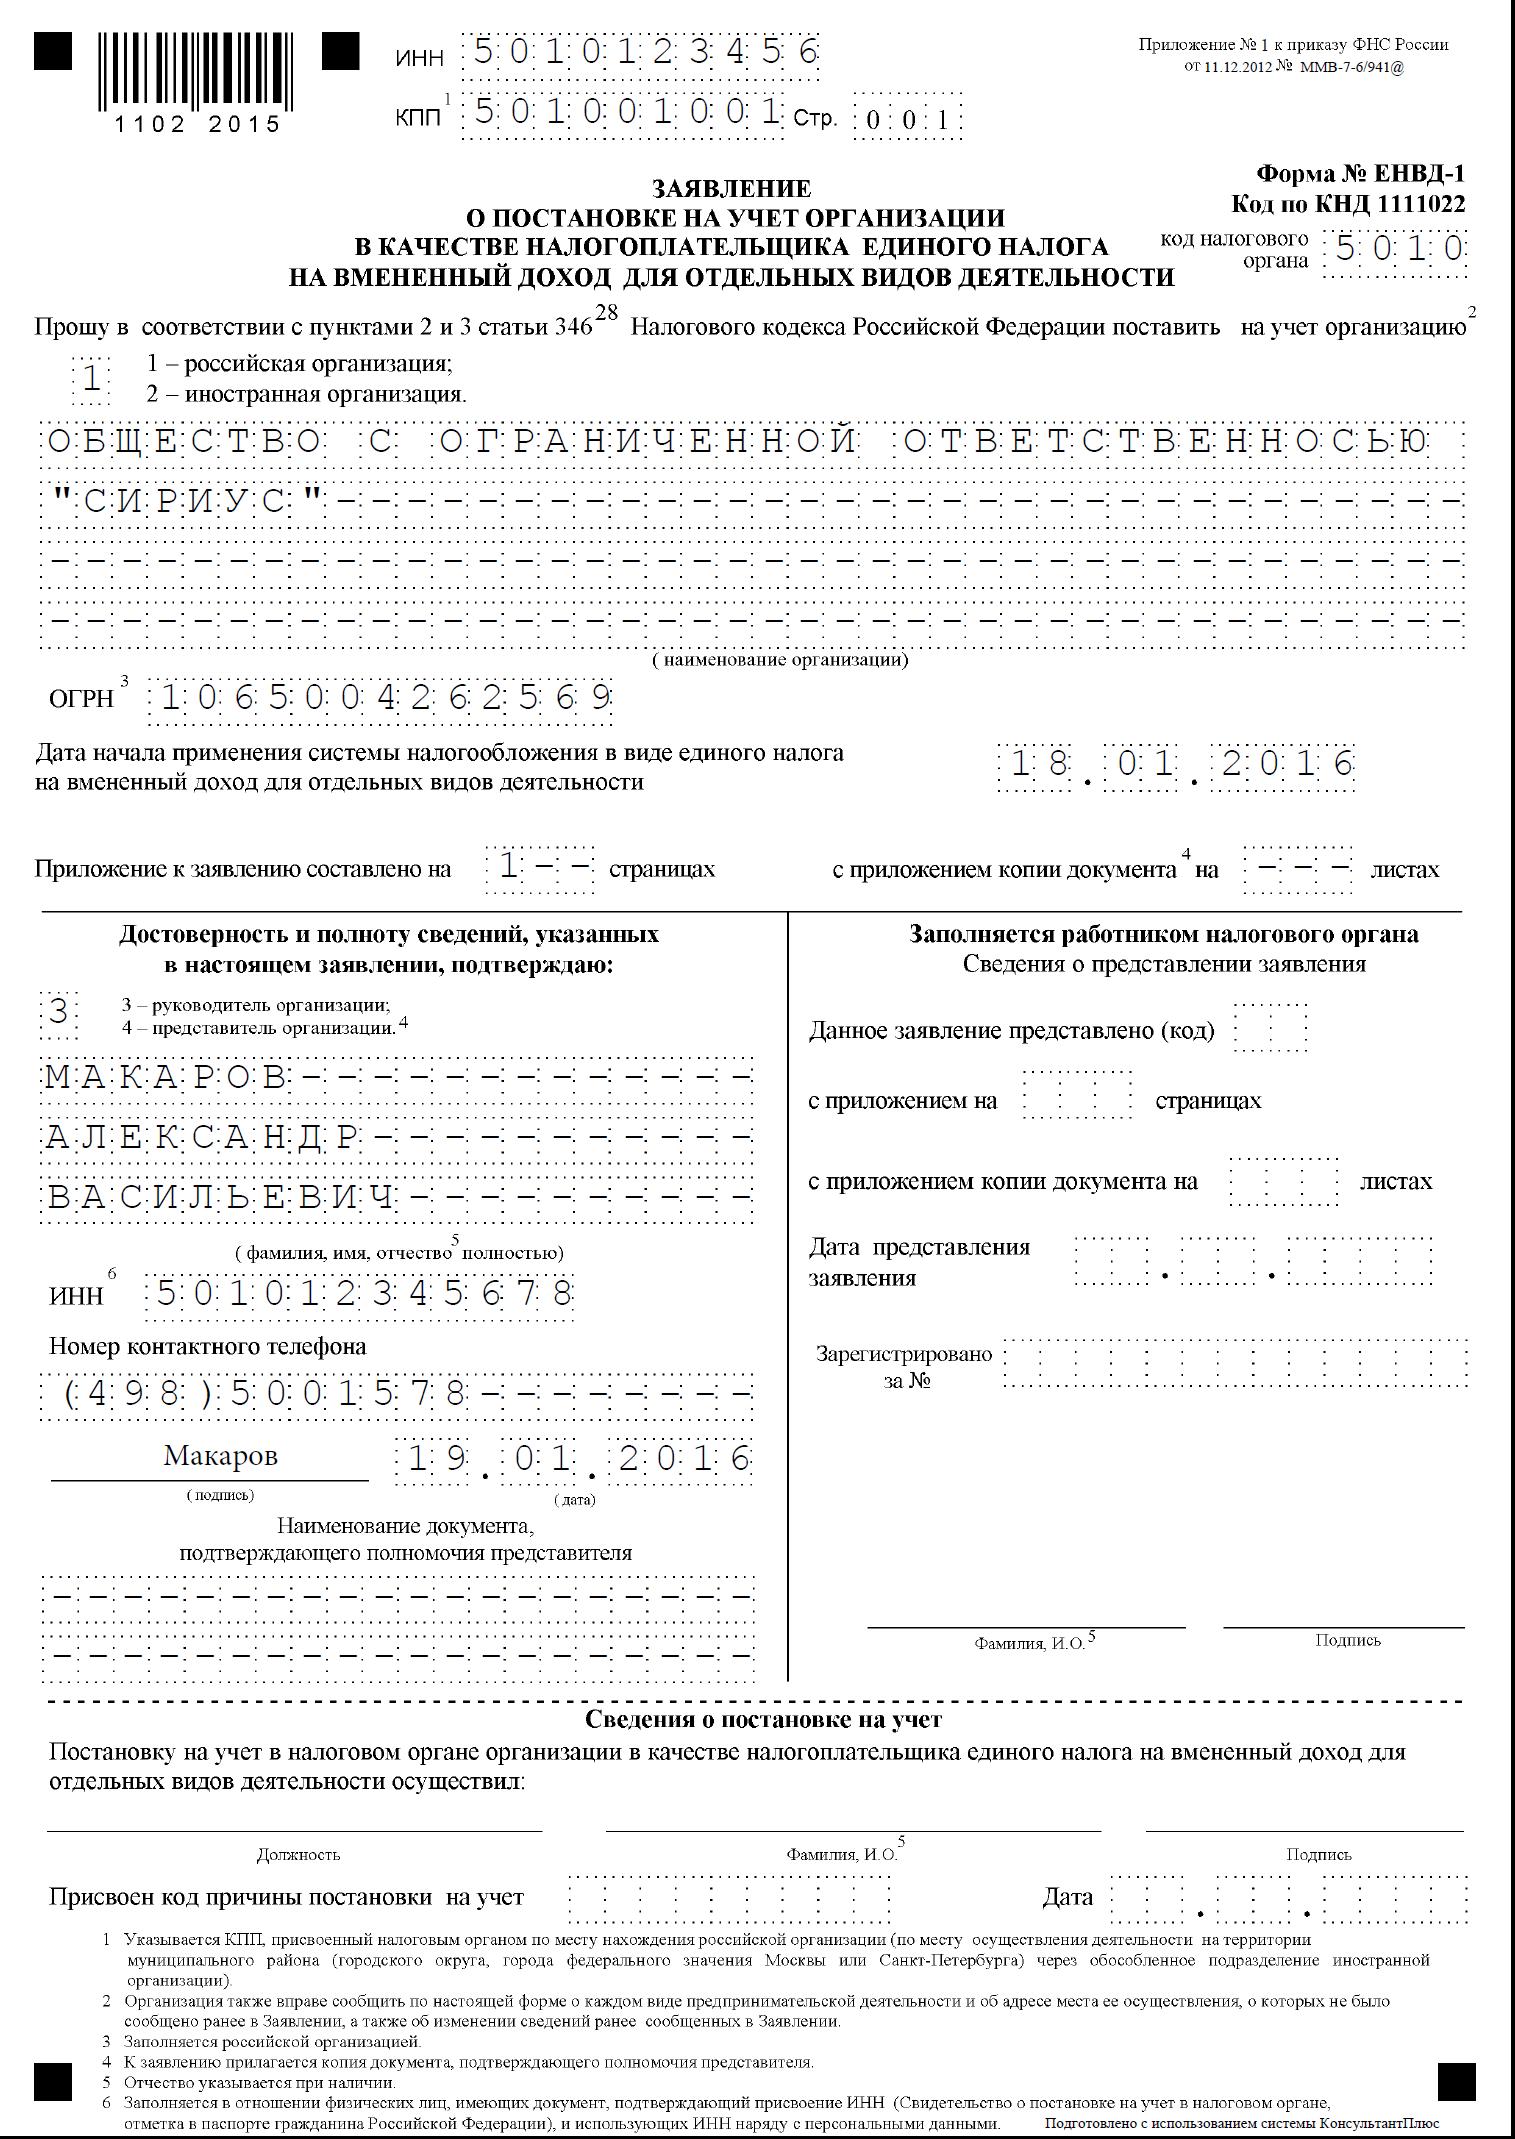 бланк енвд1от 11.12.2012 № мвв-7-6 941